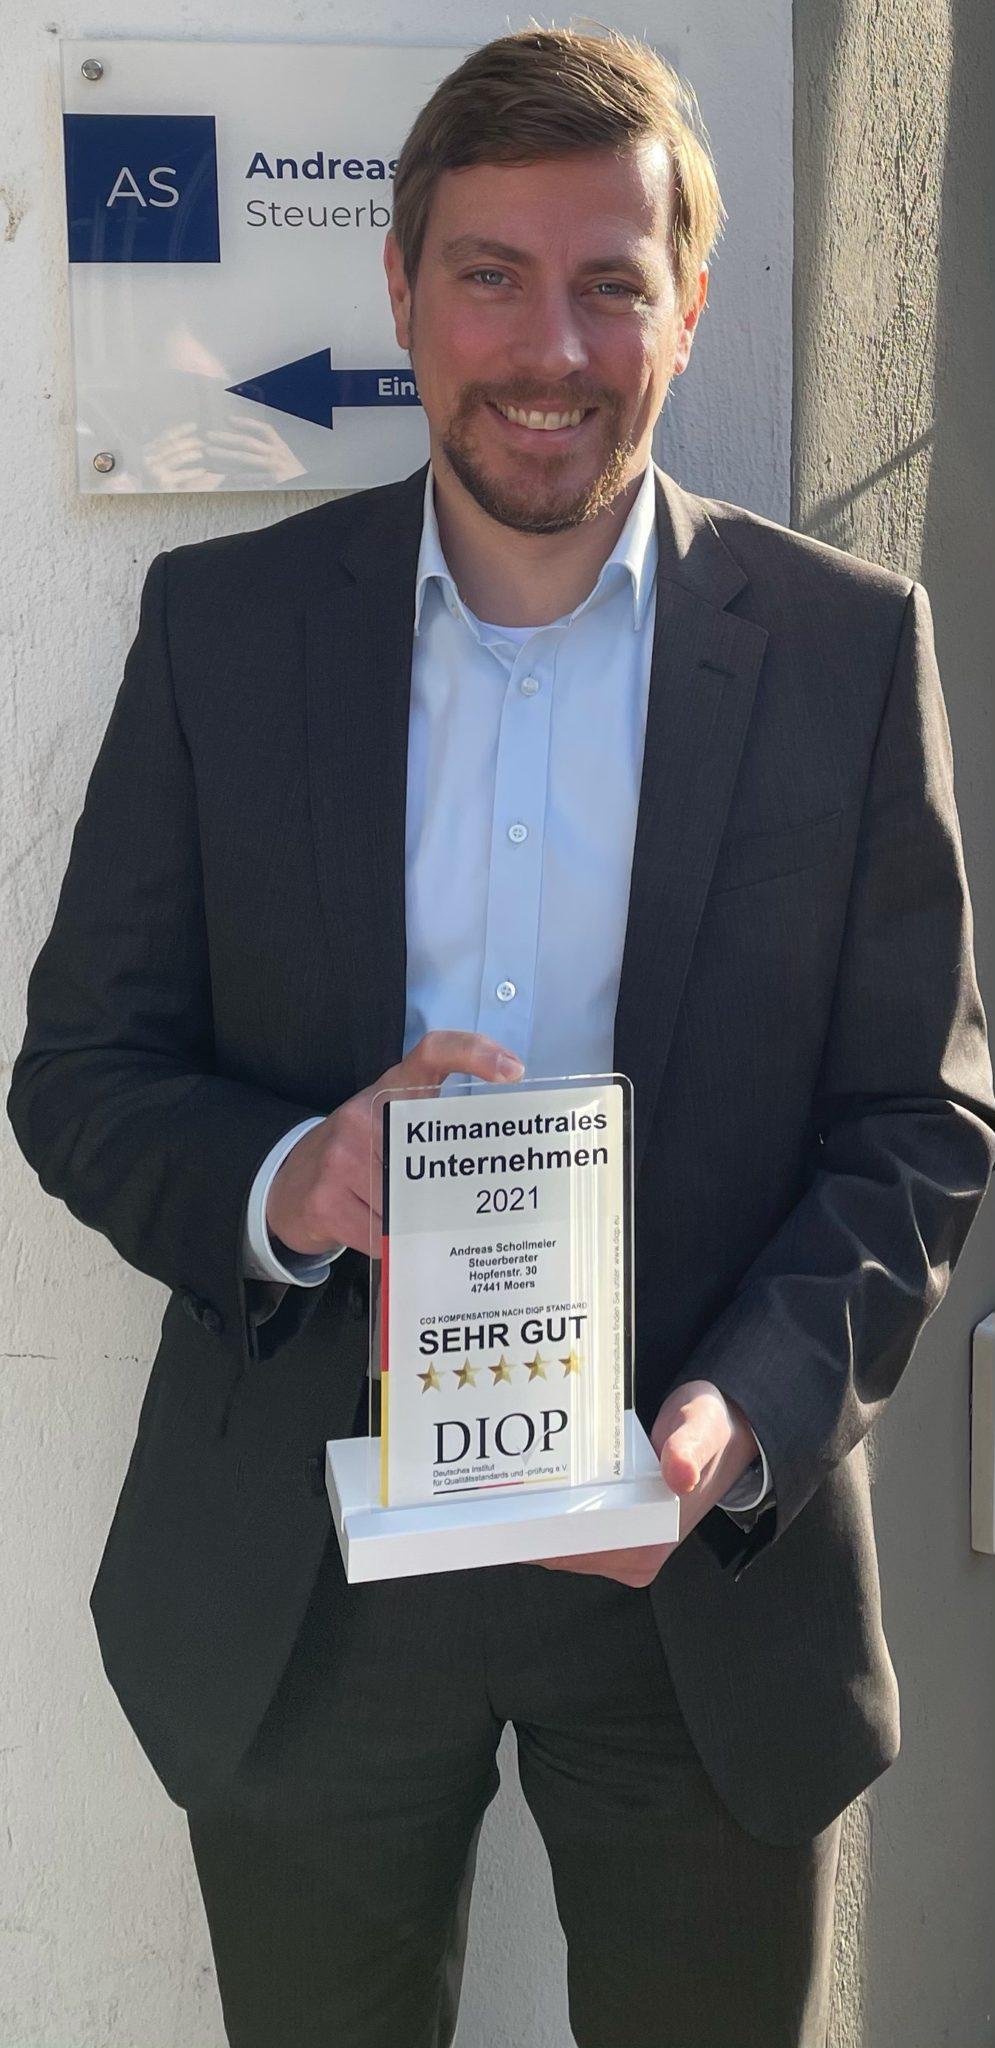 Erster Steuerberater aus Nordrhein-Westfalen als klimaneutrales Unternehmen vom DIQP ausgezeichnet